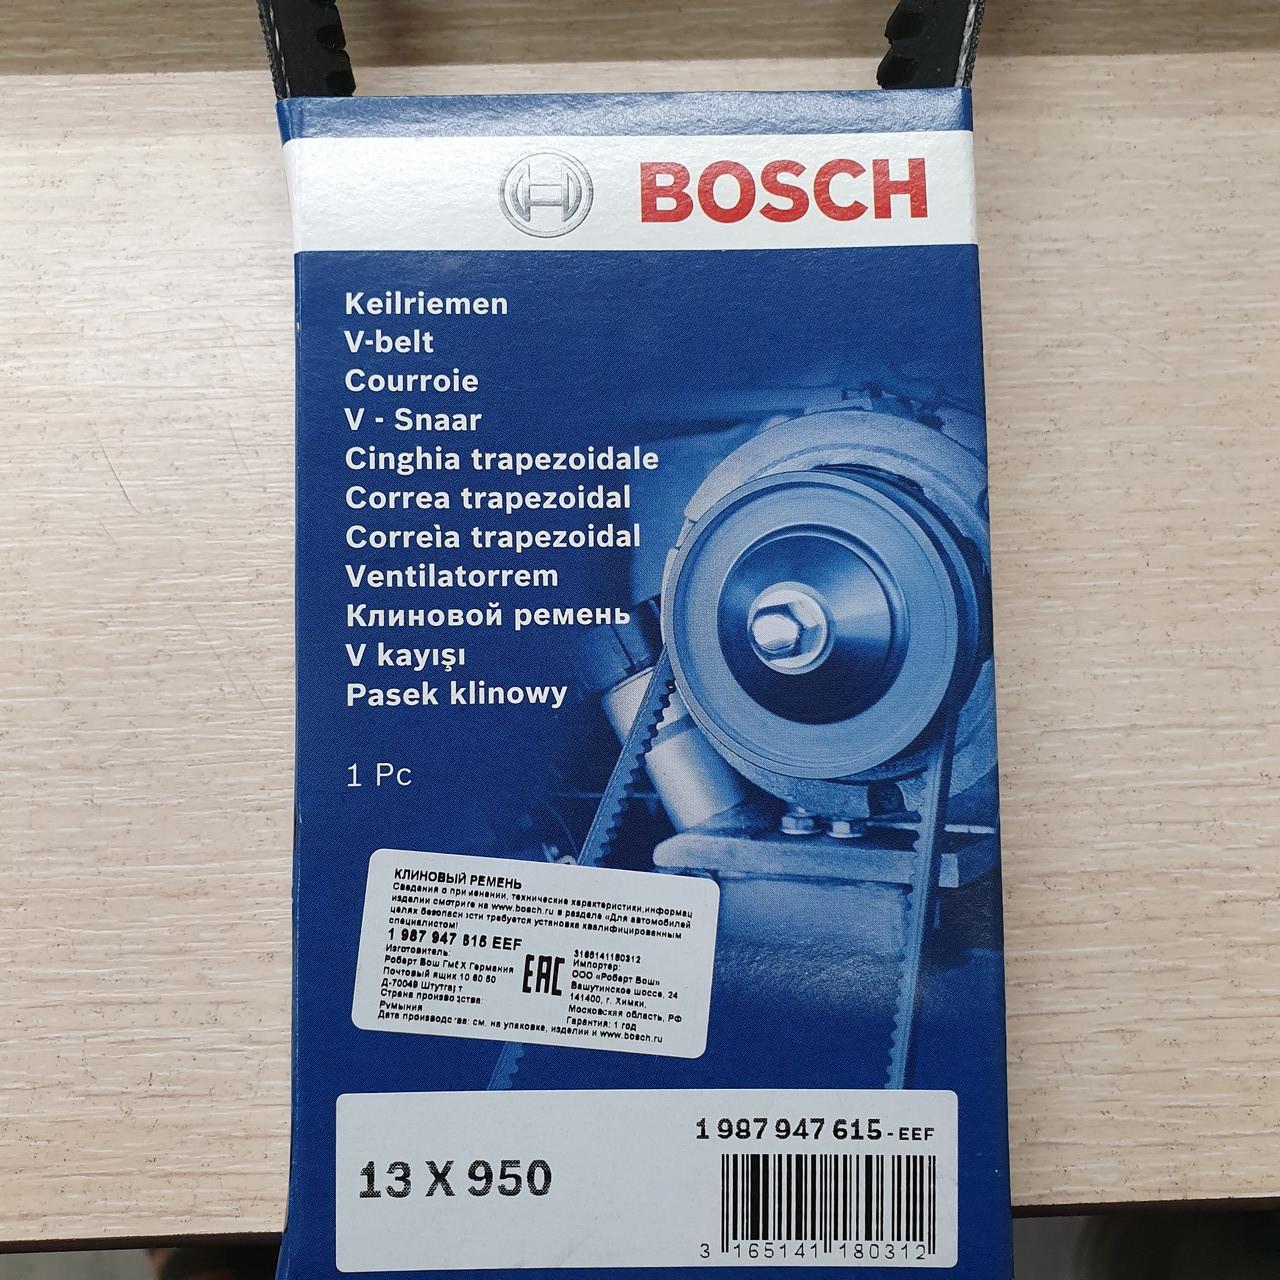 Ремень клиновой Bosch avx13x950